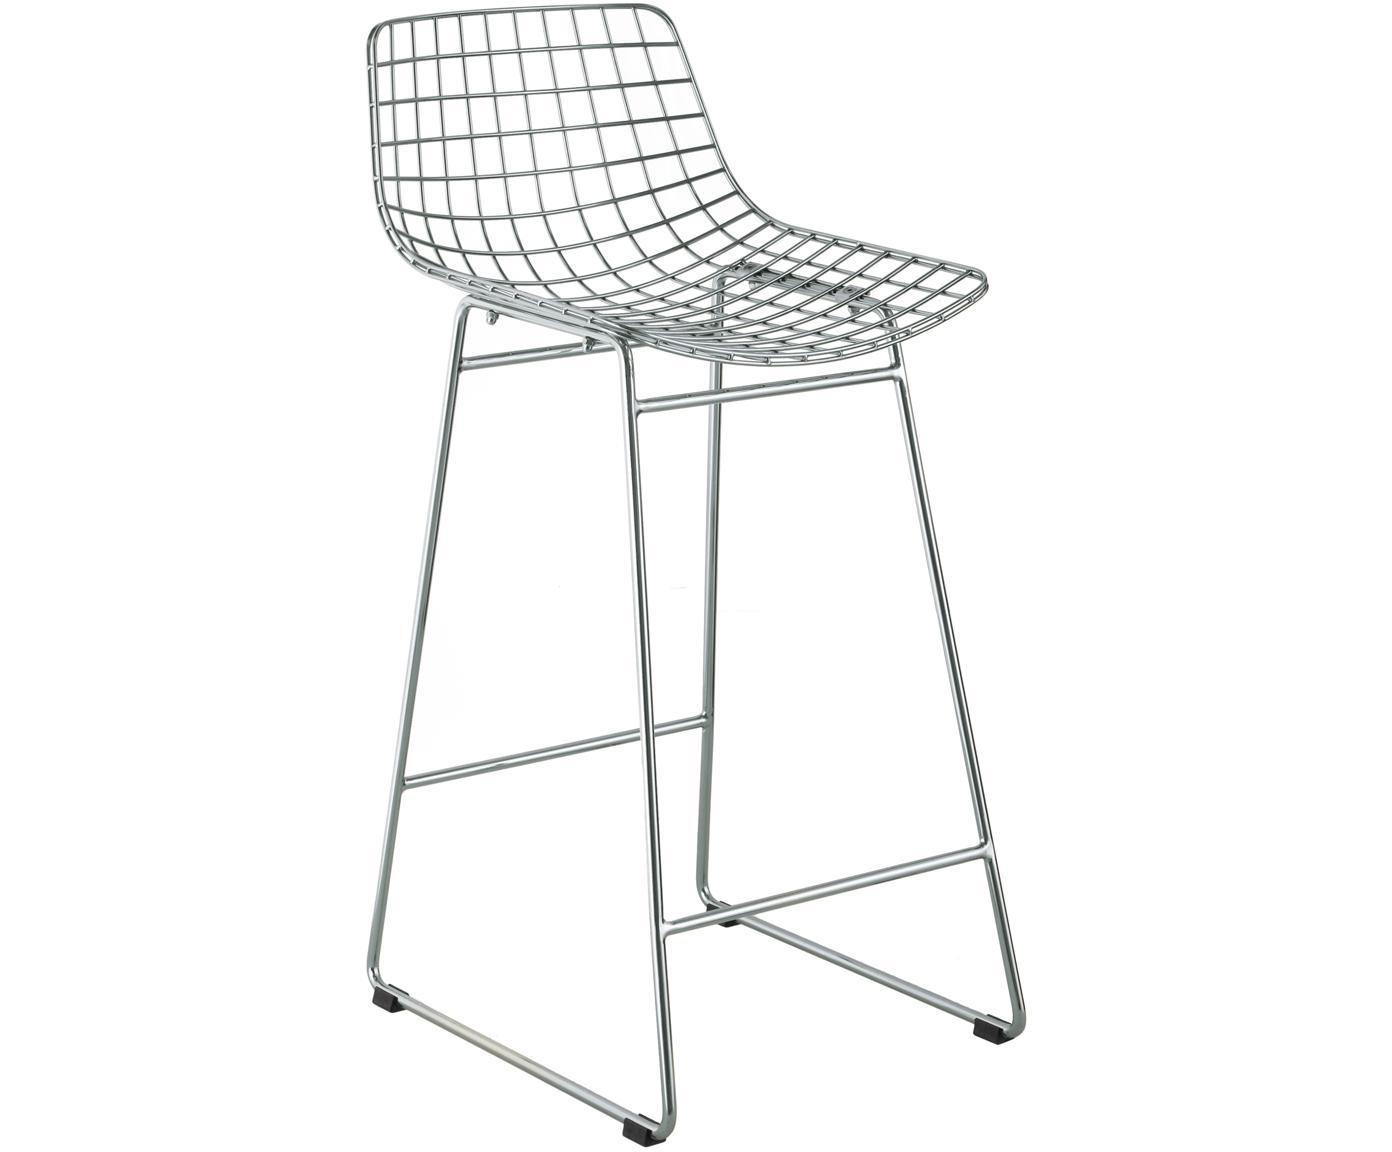 Sedia da bar in metallo color cromo Wire, Metallo cromato, Cromo, Larg. 56 x Alt. 86 cm